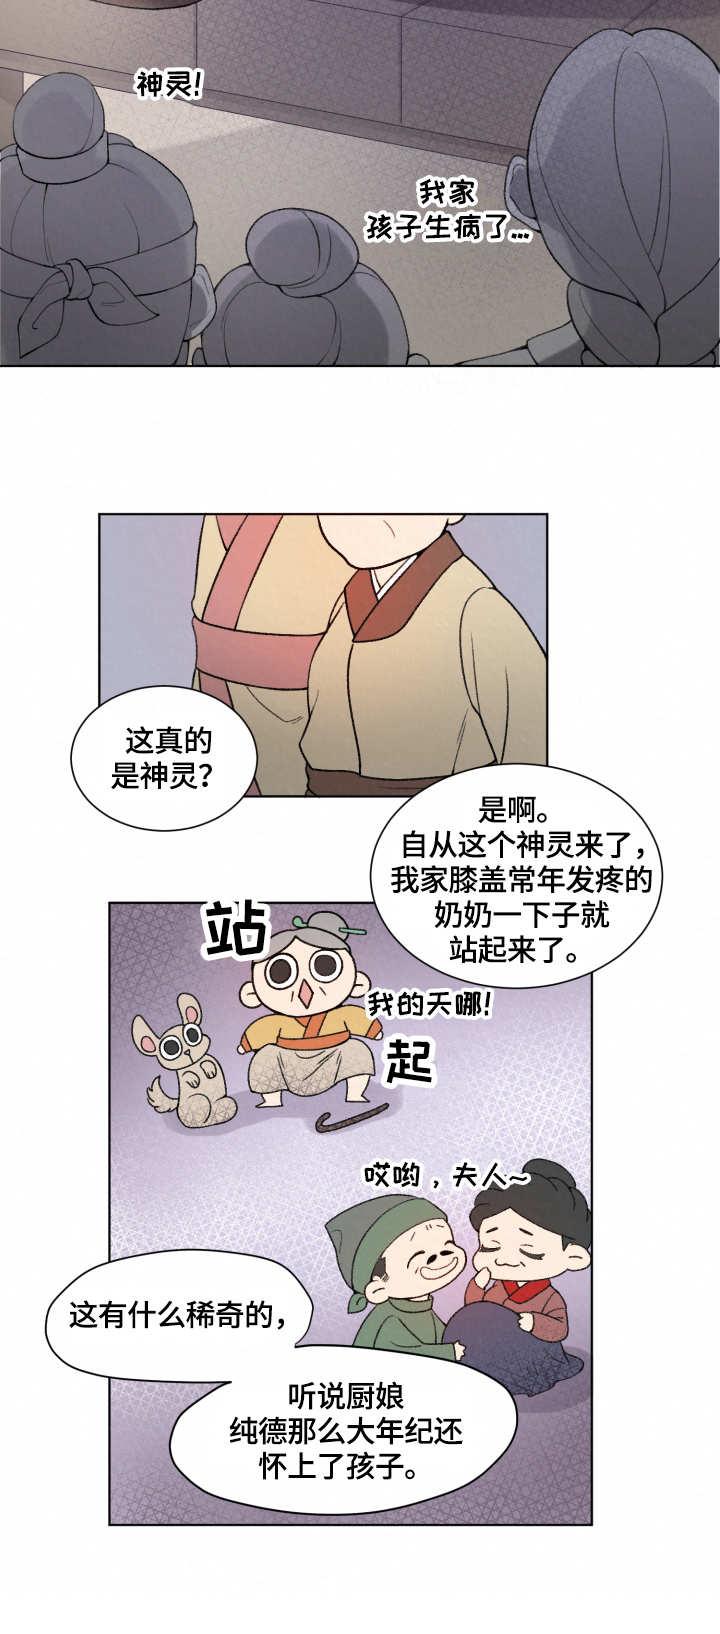 狐神的请求-漫画免费完整版汉化_下拉式阅读百度云资源-啵乐漫画